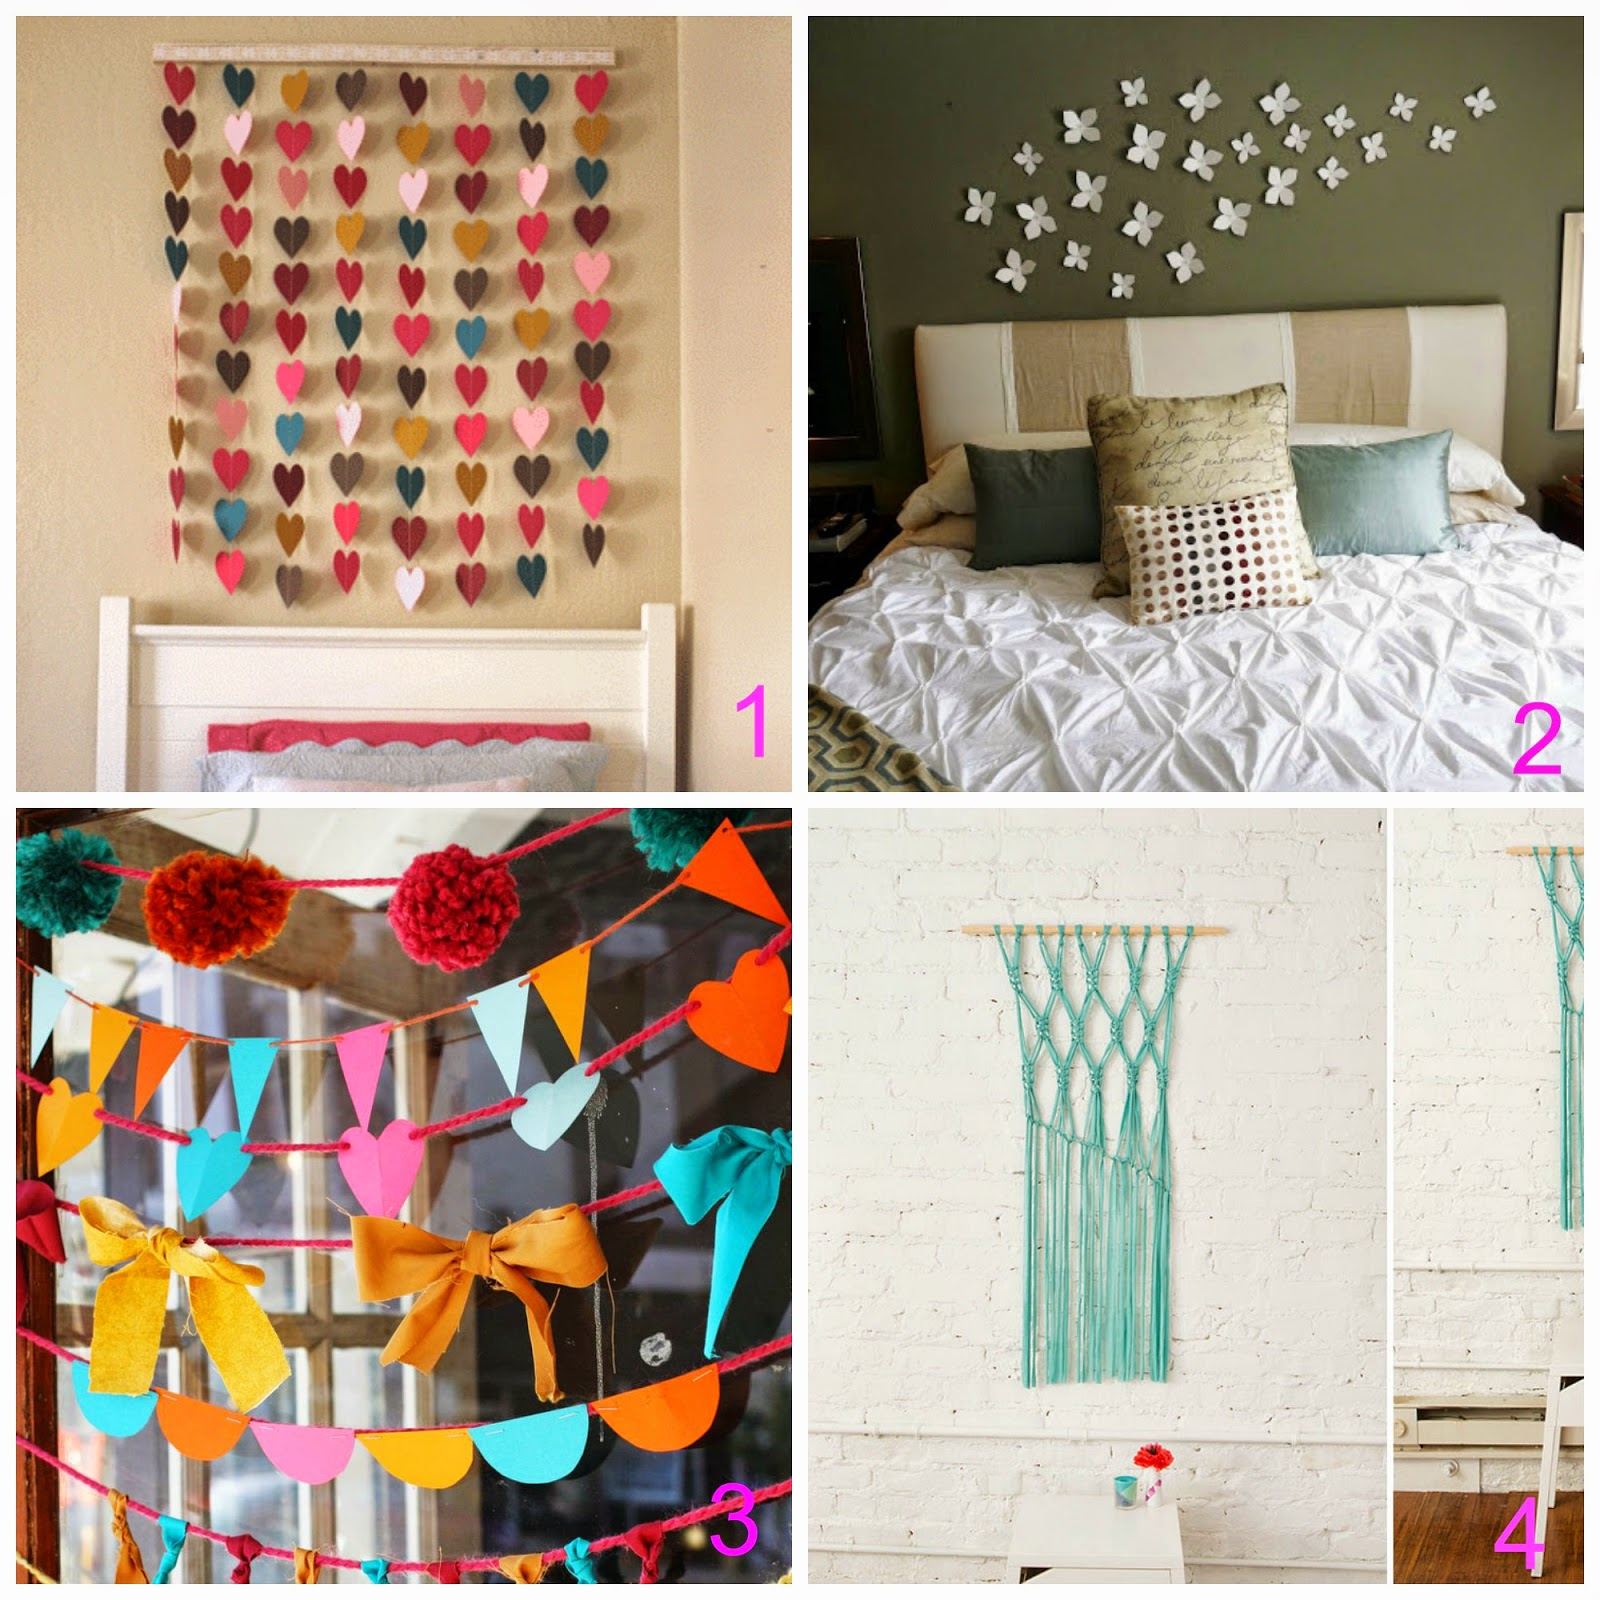 7 Idee primaverili fai da te per decorare casa col riciclo ...